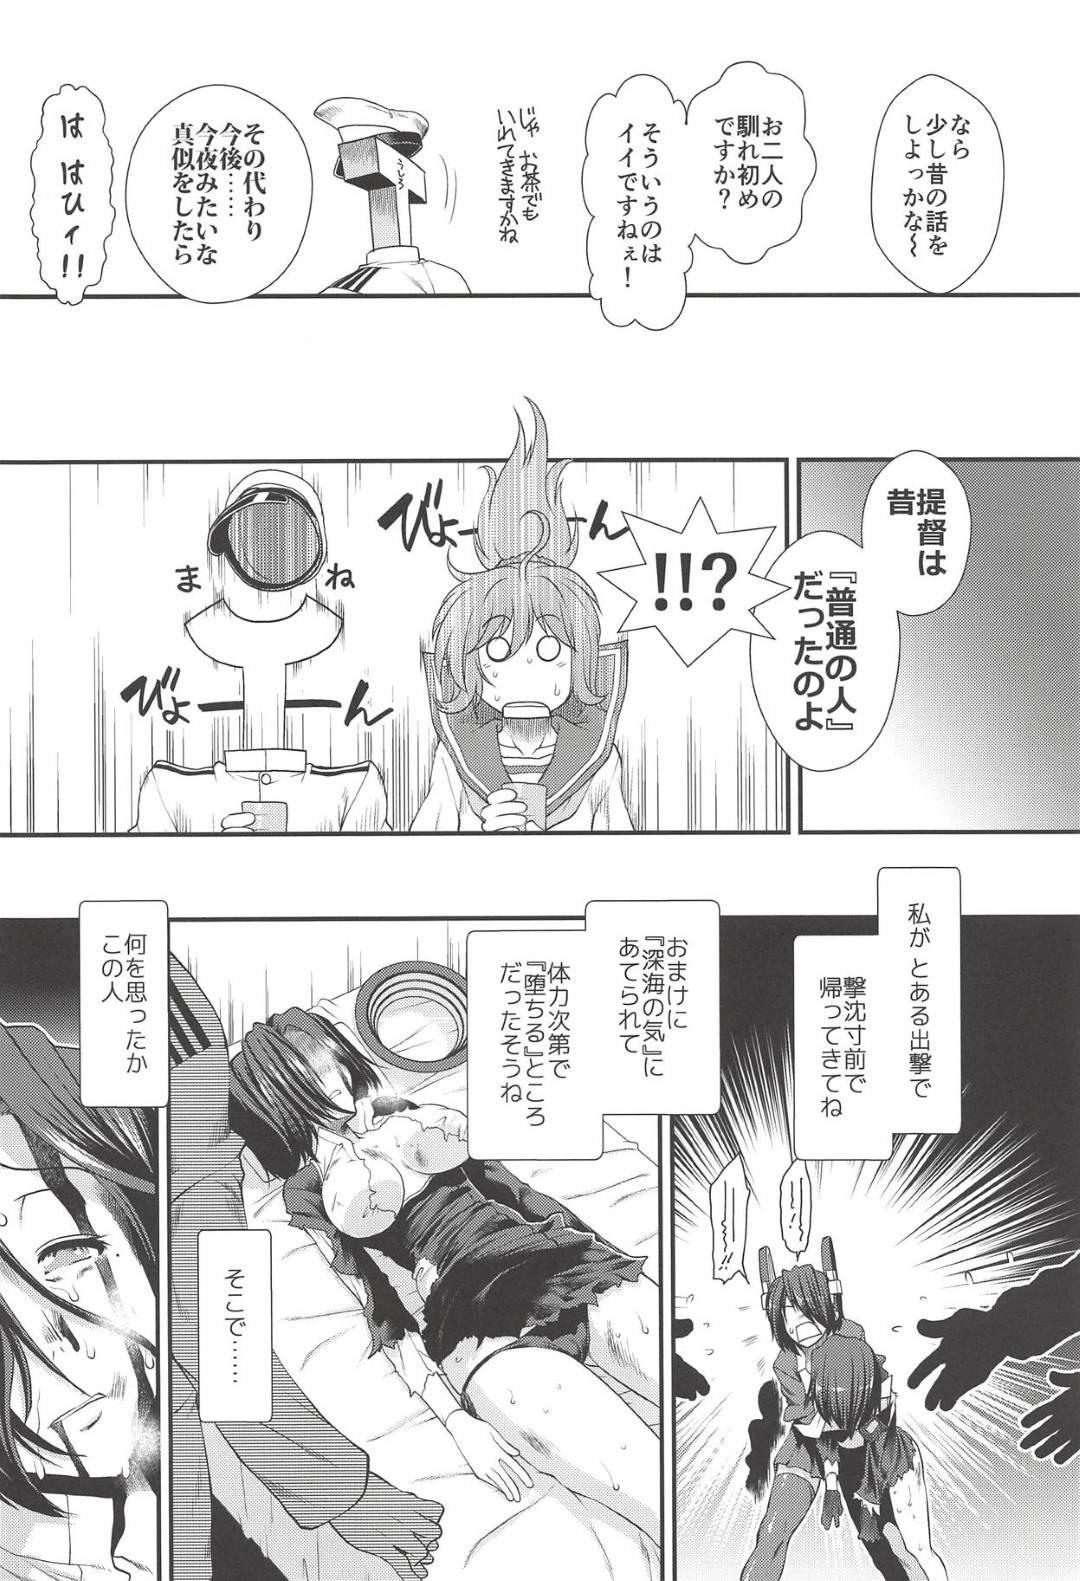 【艦これエロ漫画】昔のエッチを思い出した提督と龍田は、お風呂で中出しセックスでアクメする【有賀冬】